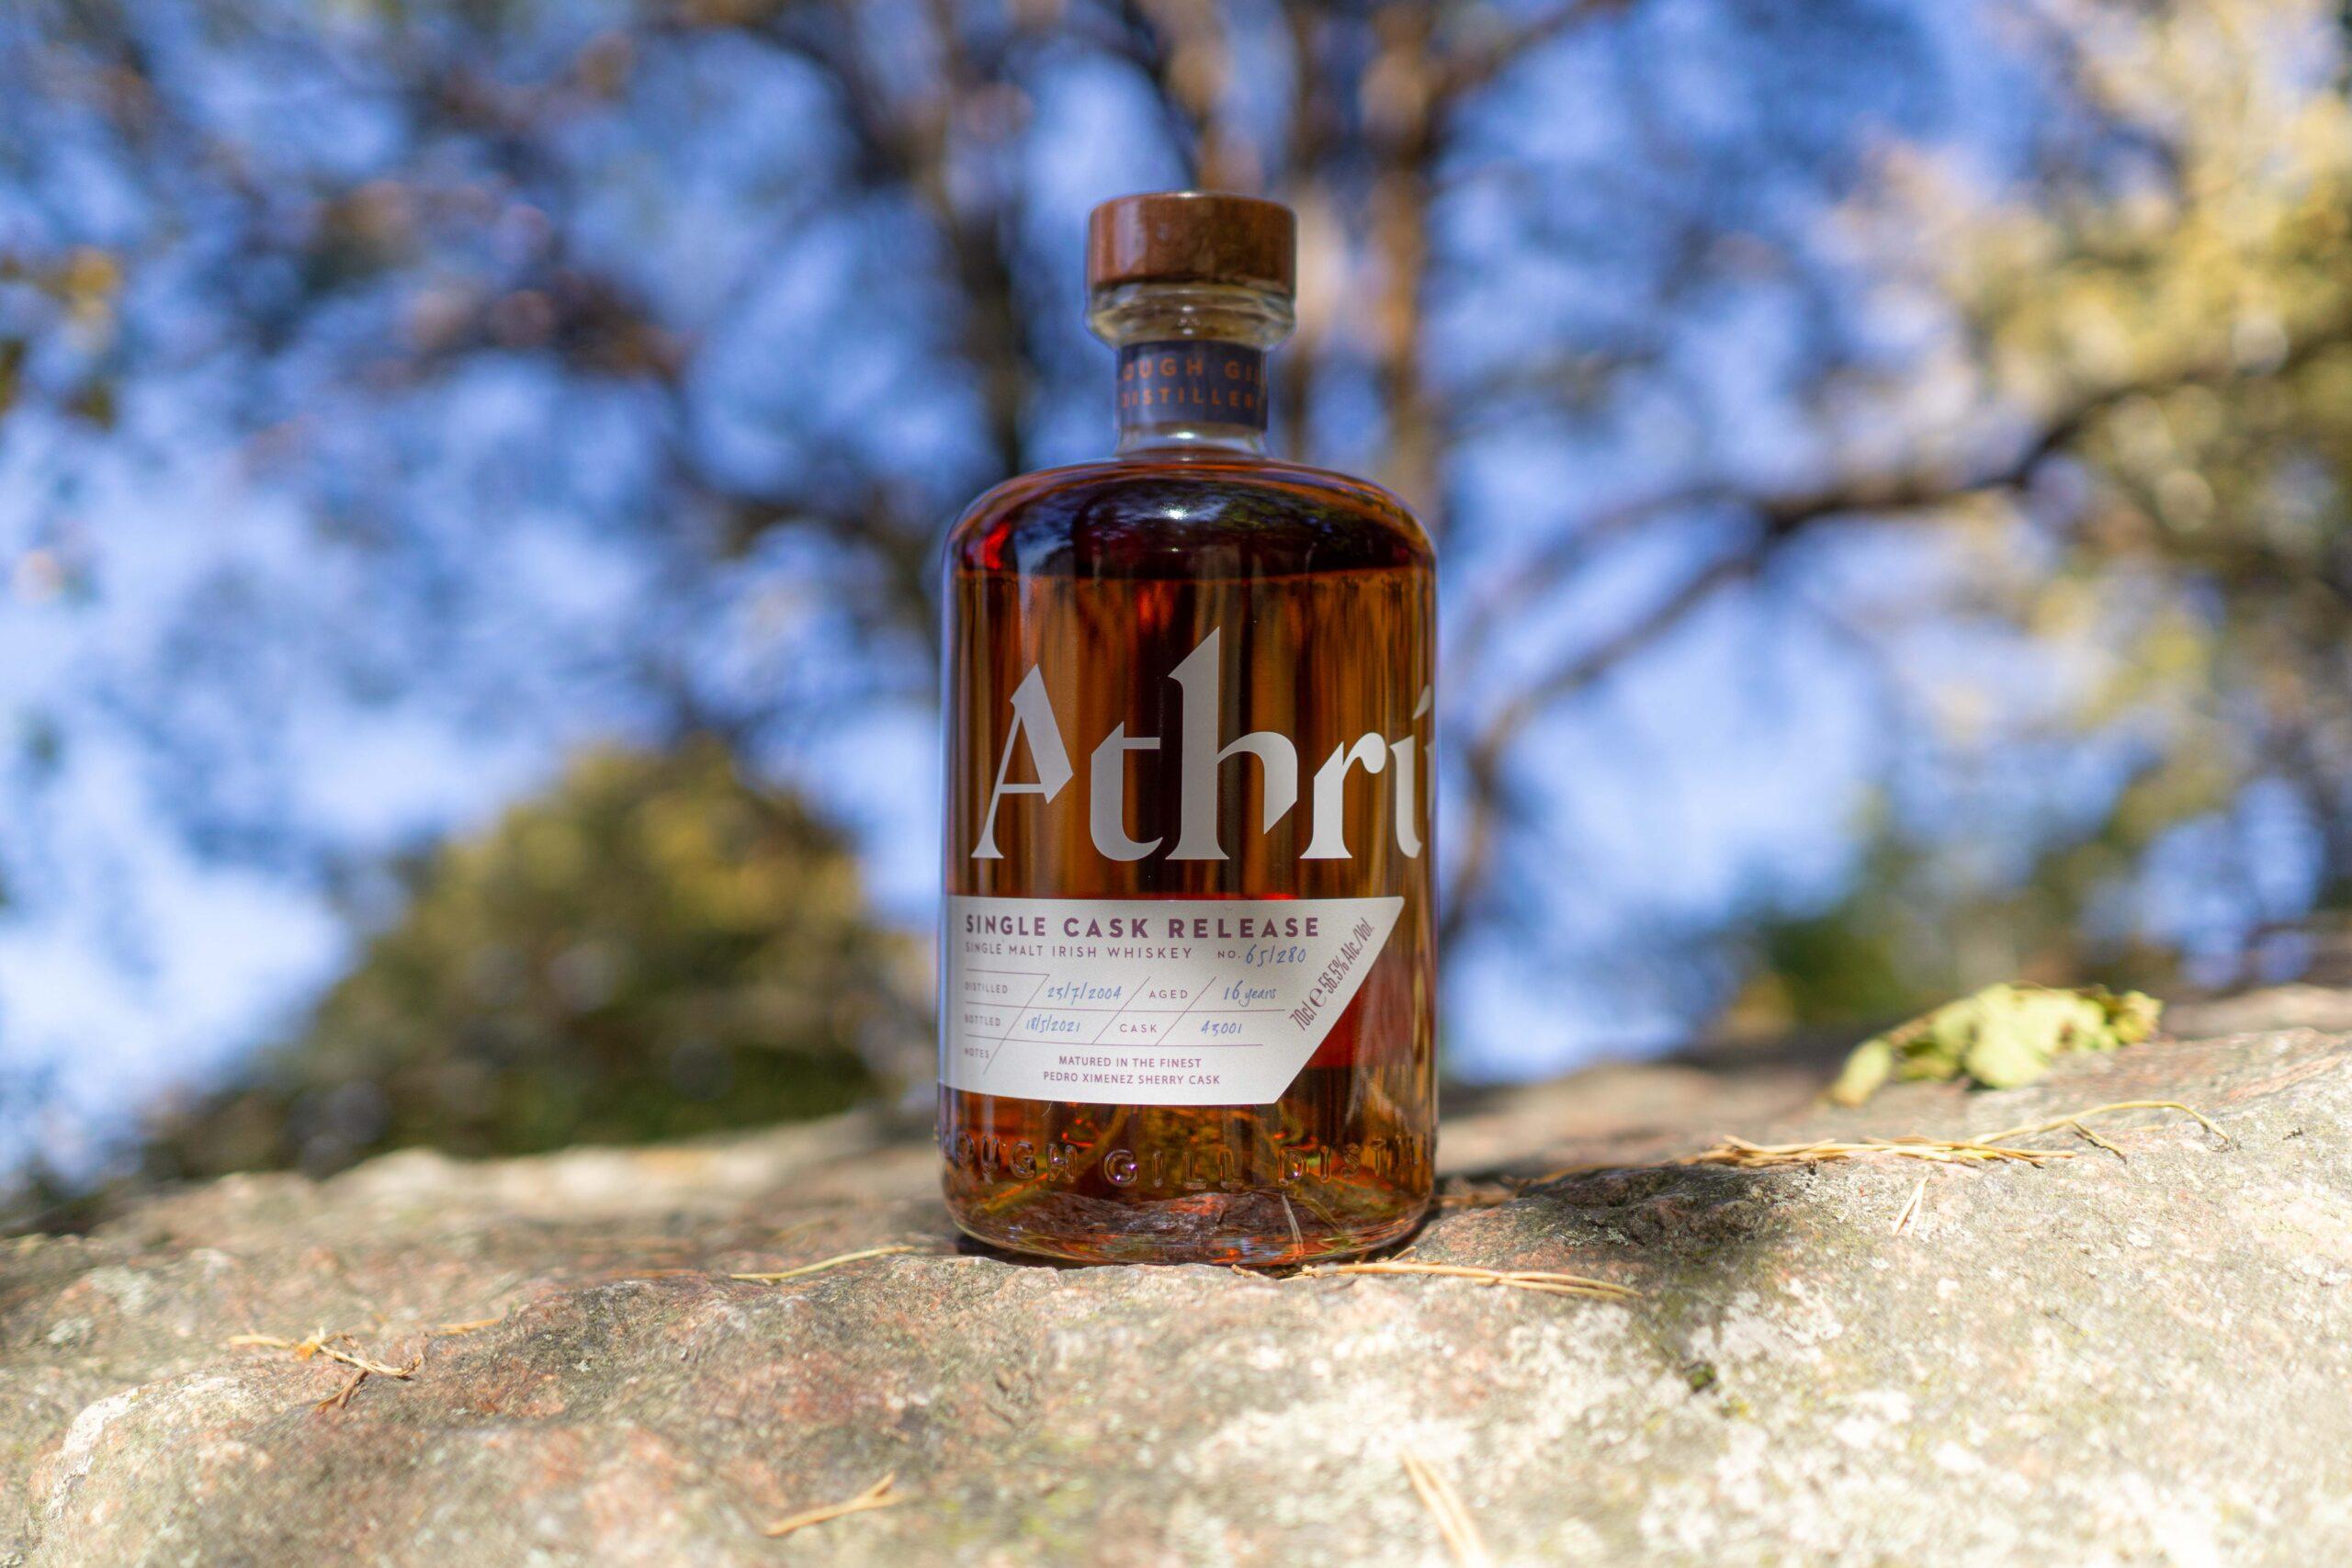 Athru single cask release 16yo PX